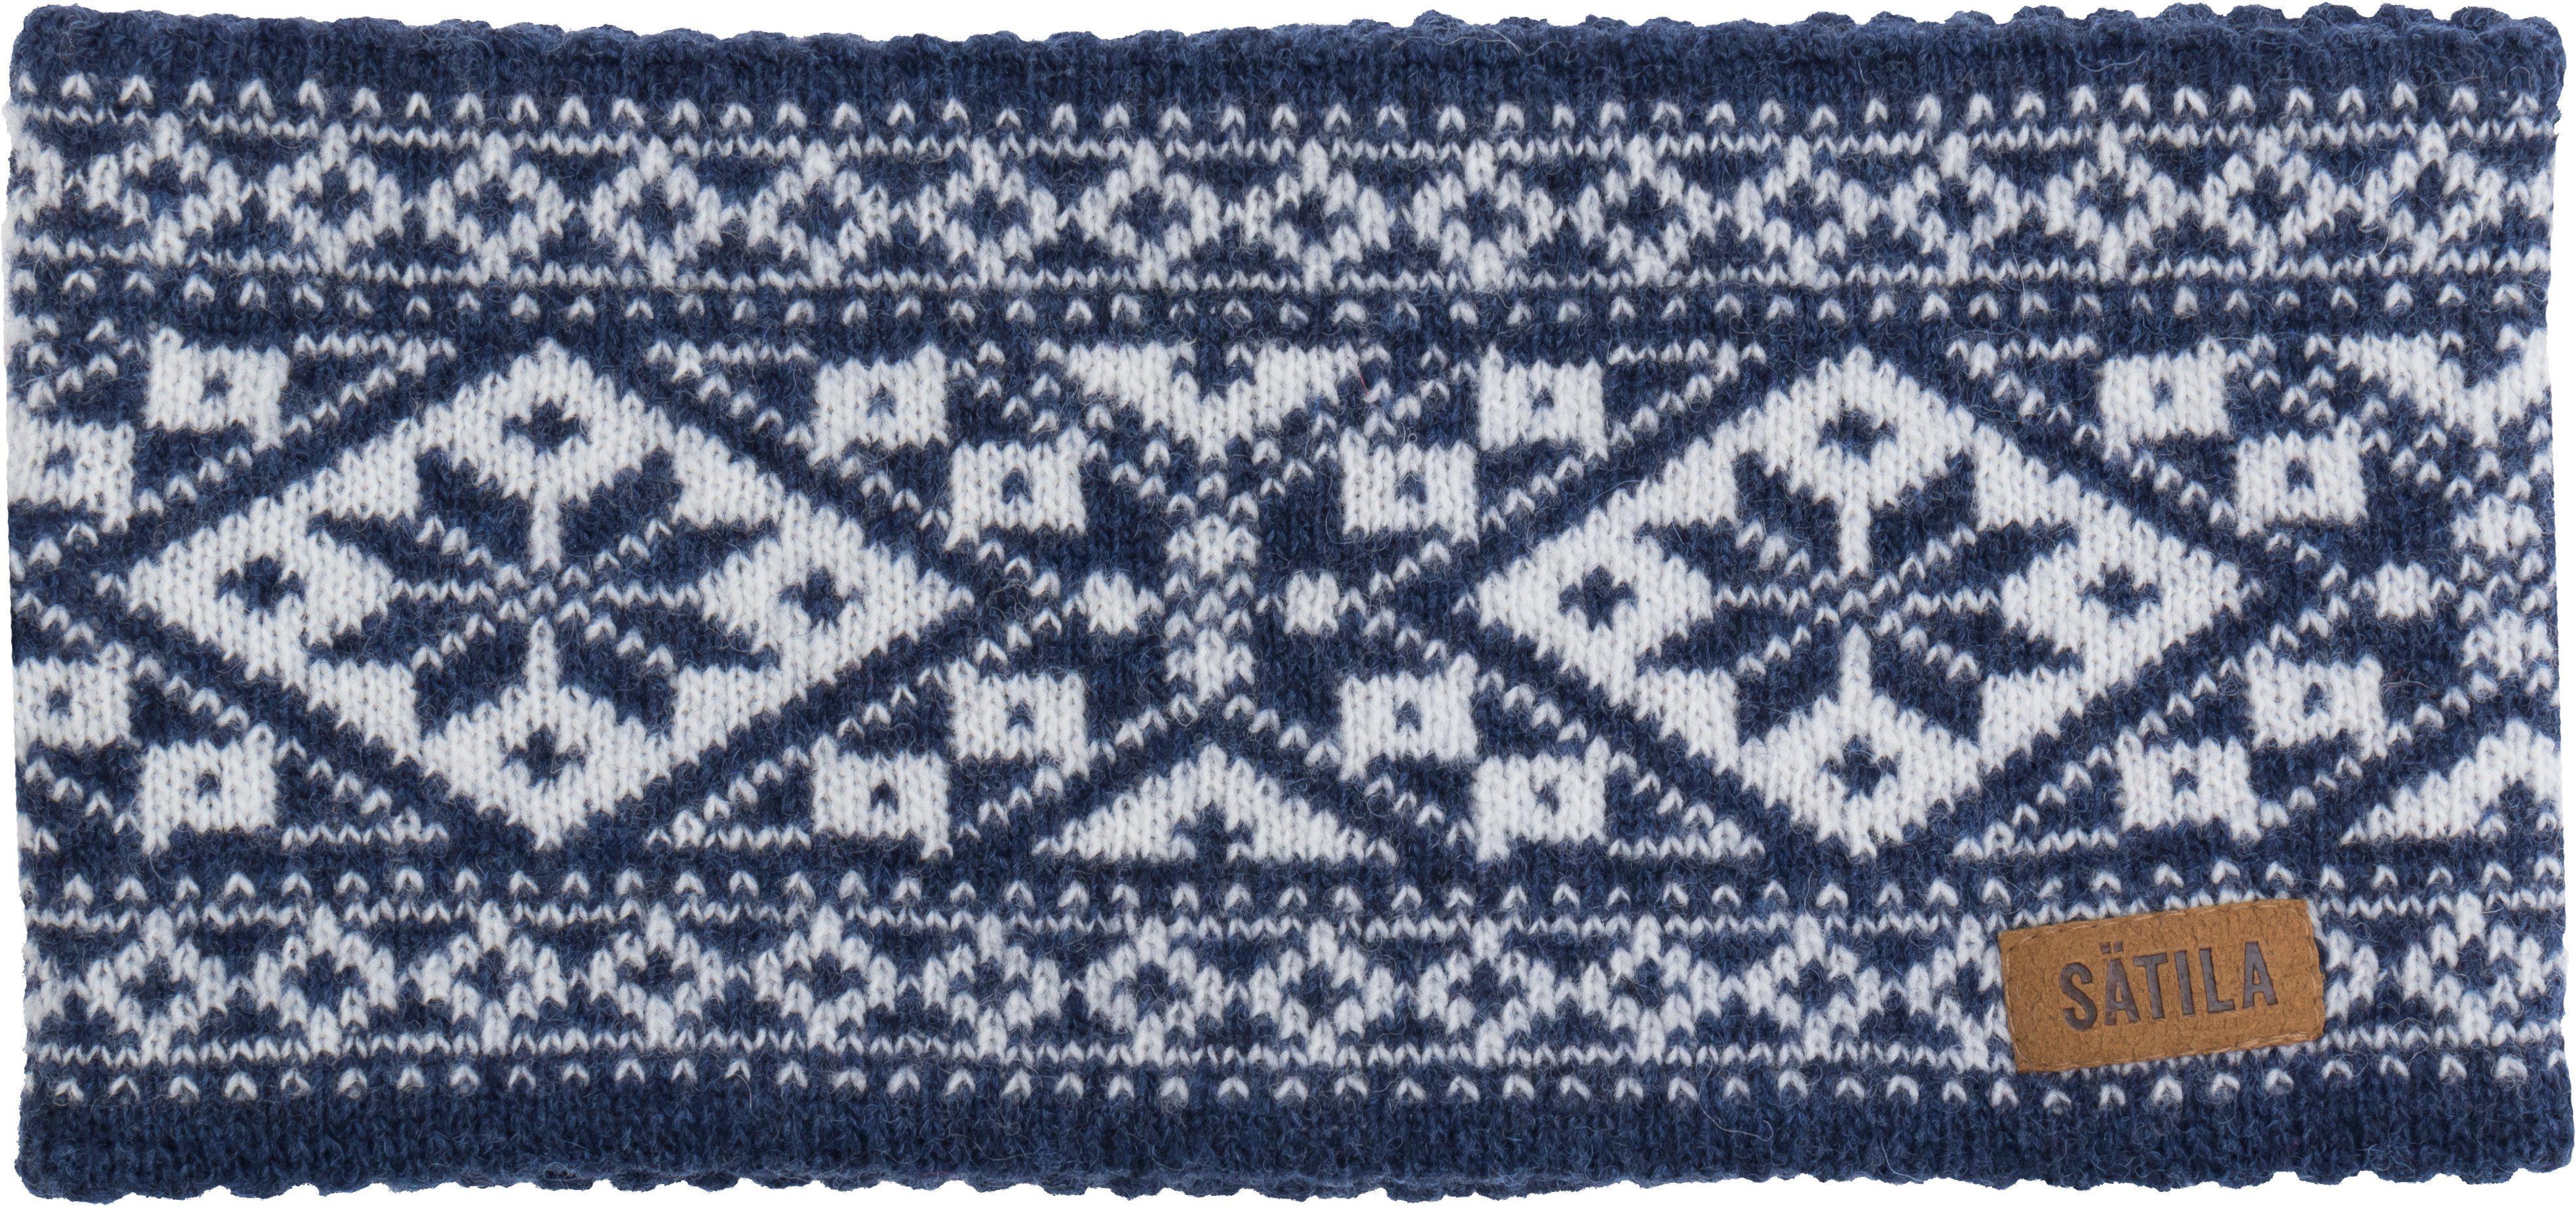 Sätila of Sweden Stirnband mit nordischem Muster Grace   Accessoires > Mützen > Stirnbänder   Blau   Ab - Polyamid   Sätila Of Sweden